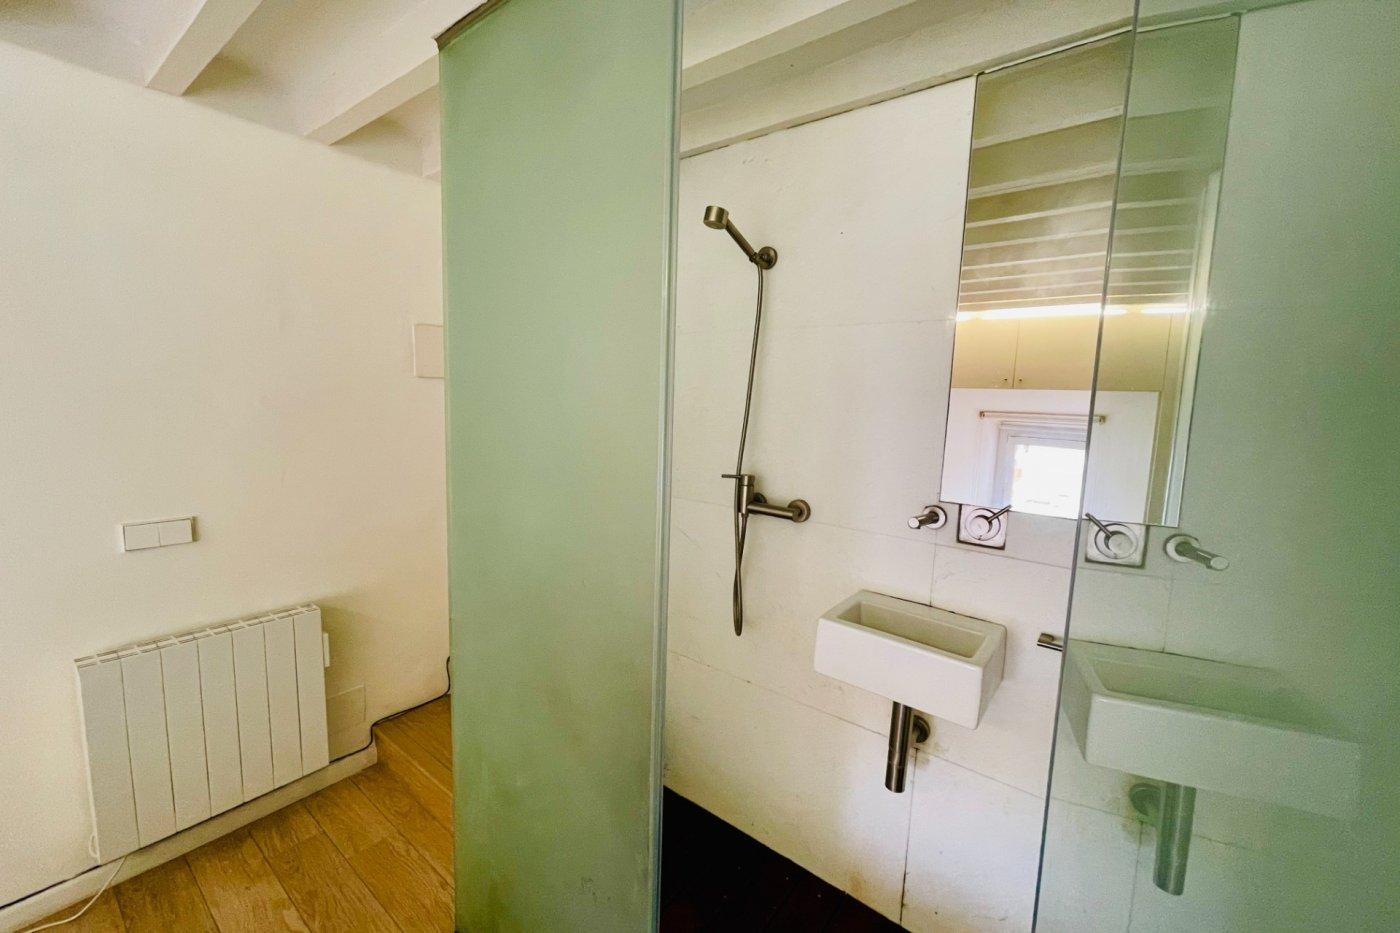 Céntrica oficina   de 16 m² totalmente reformado y muy luminoso en avenida portugal - imagenInmueble3